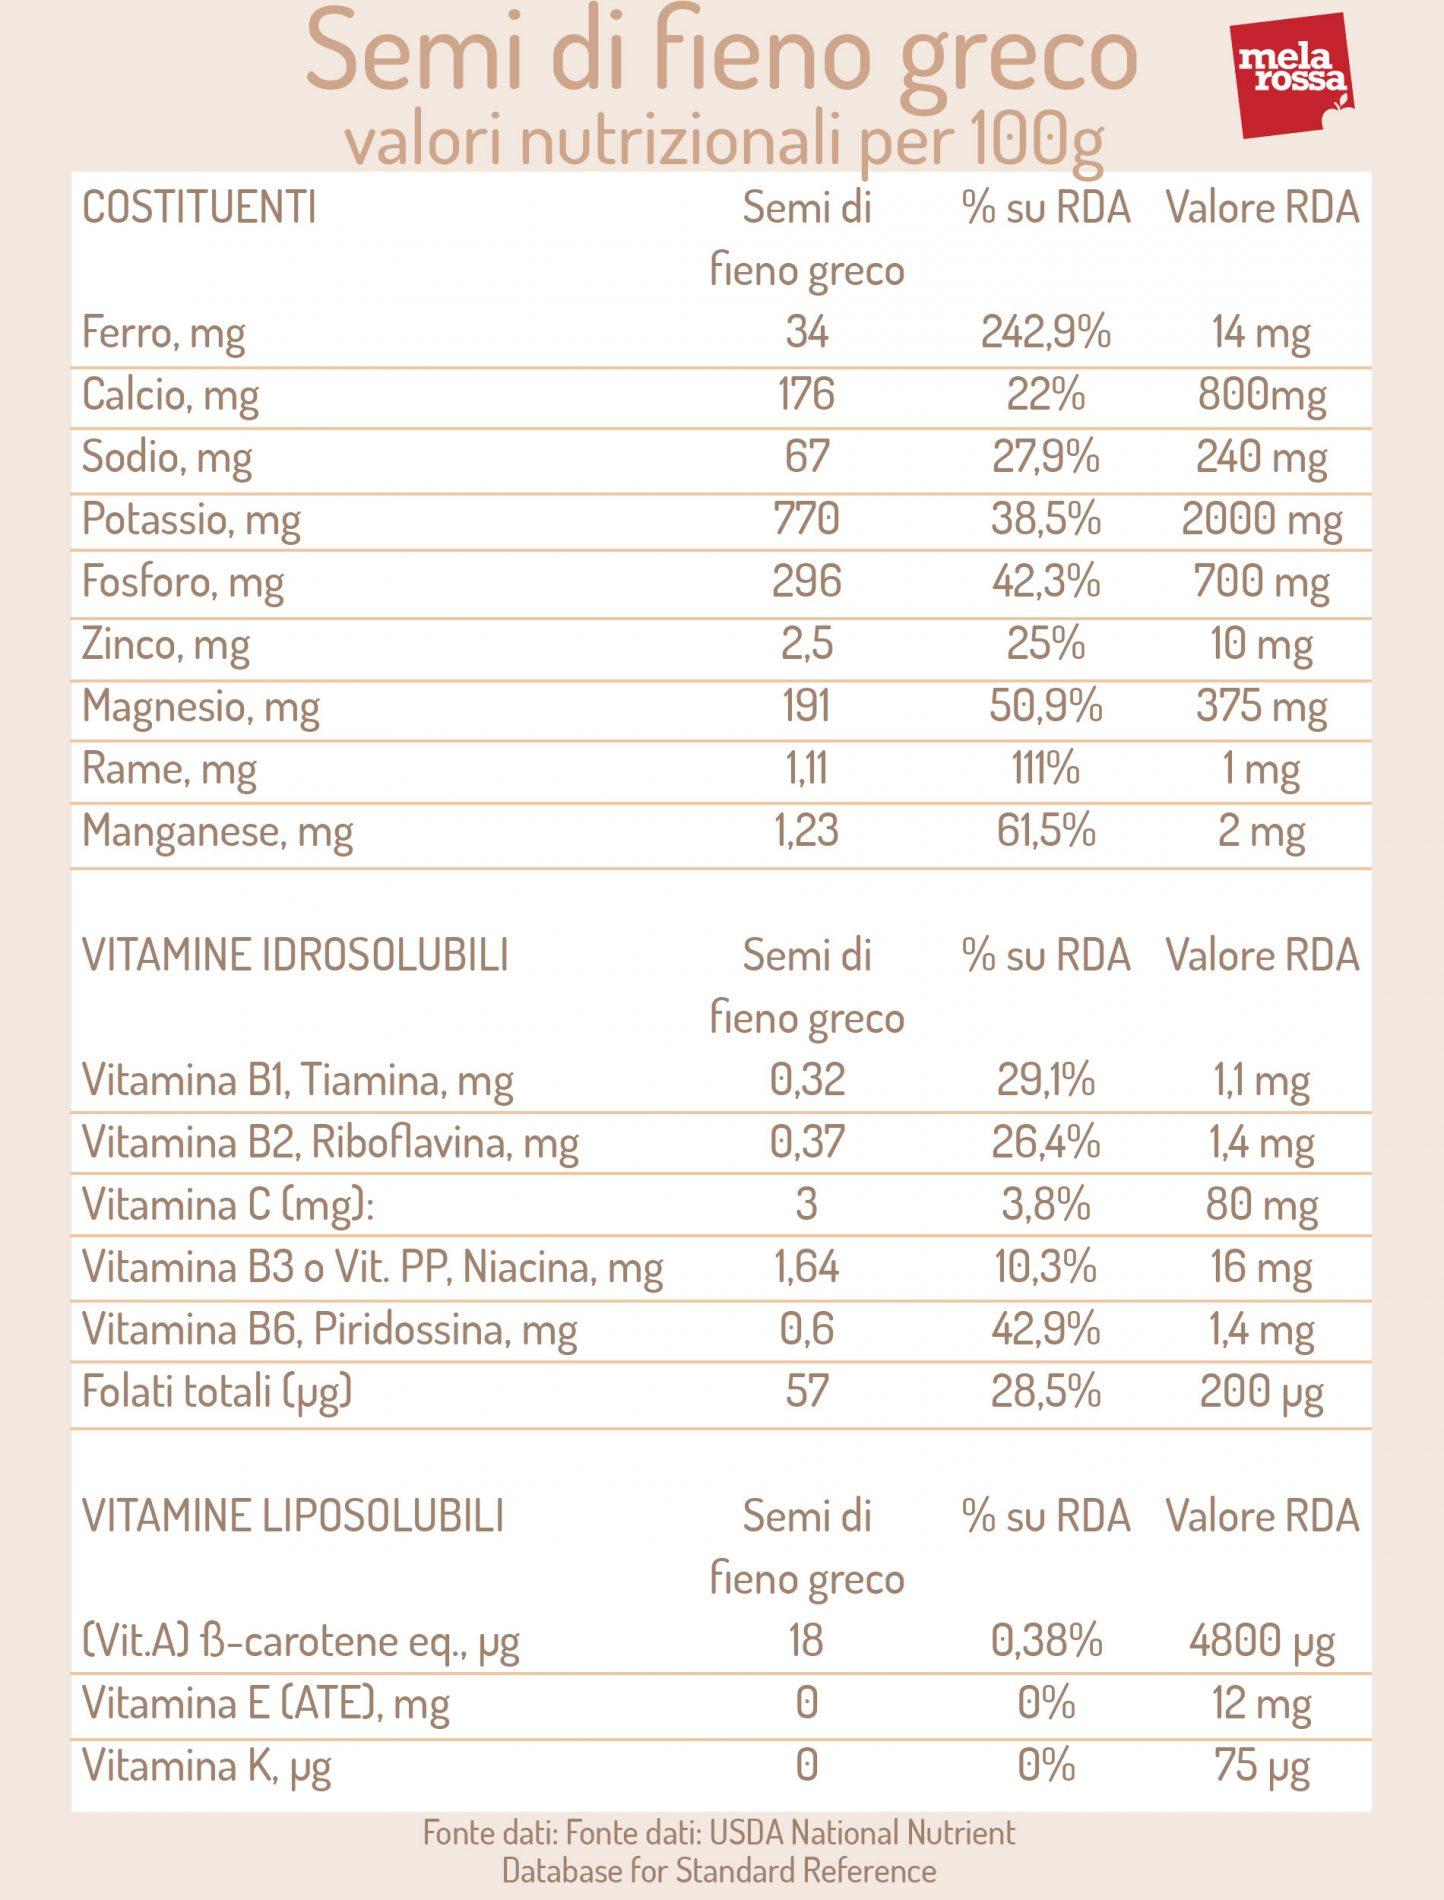 semillas de fenogreco: valores nutricionales